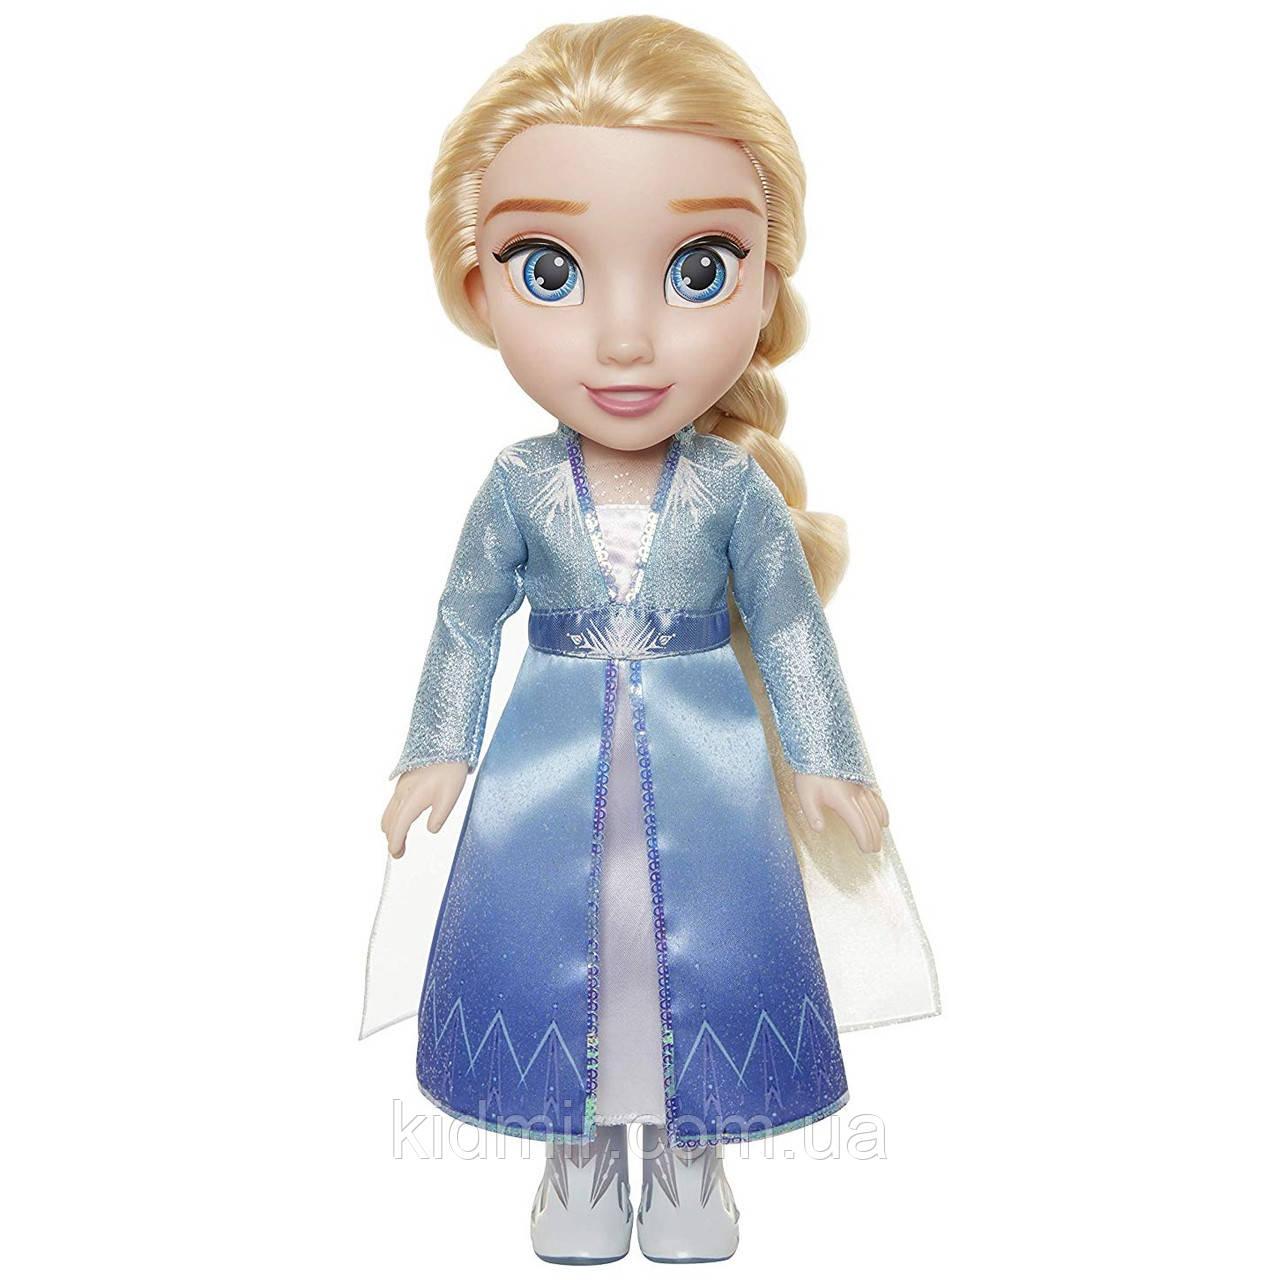 Купить Принцесса Дисней Эльза Холодное сердце Кукла ...